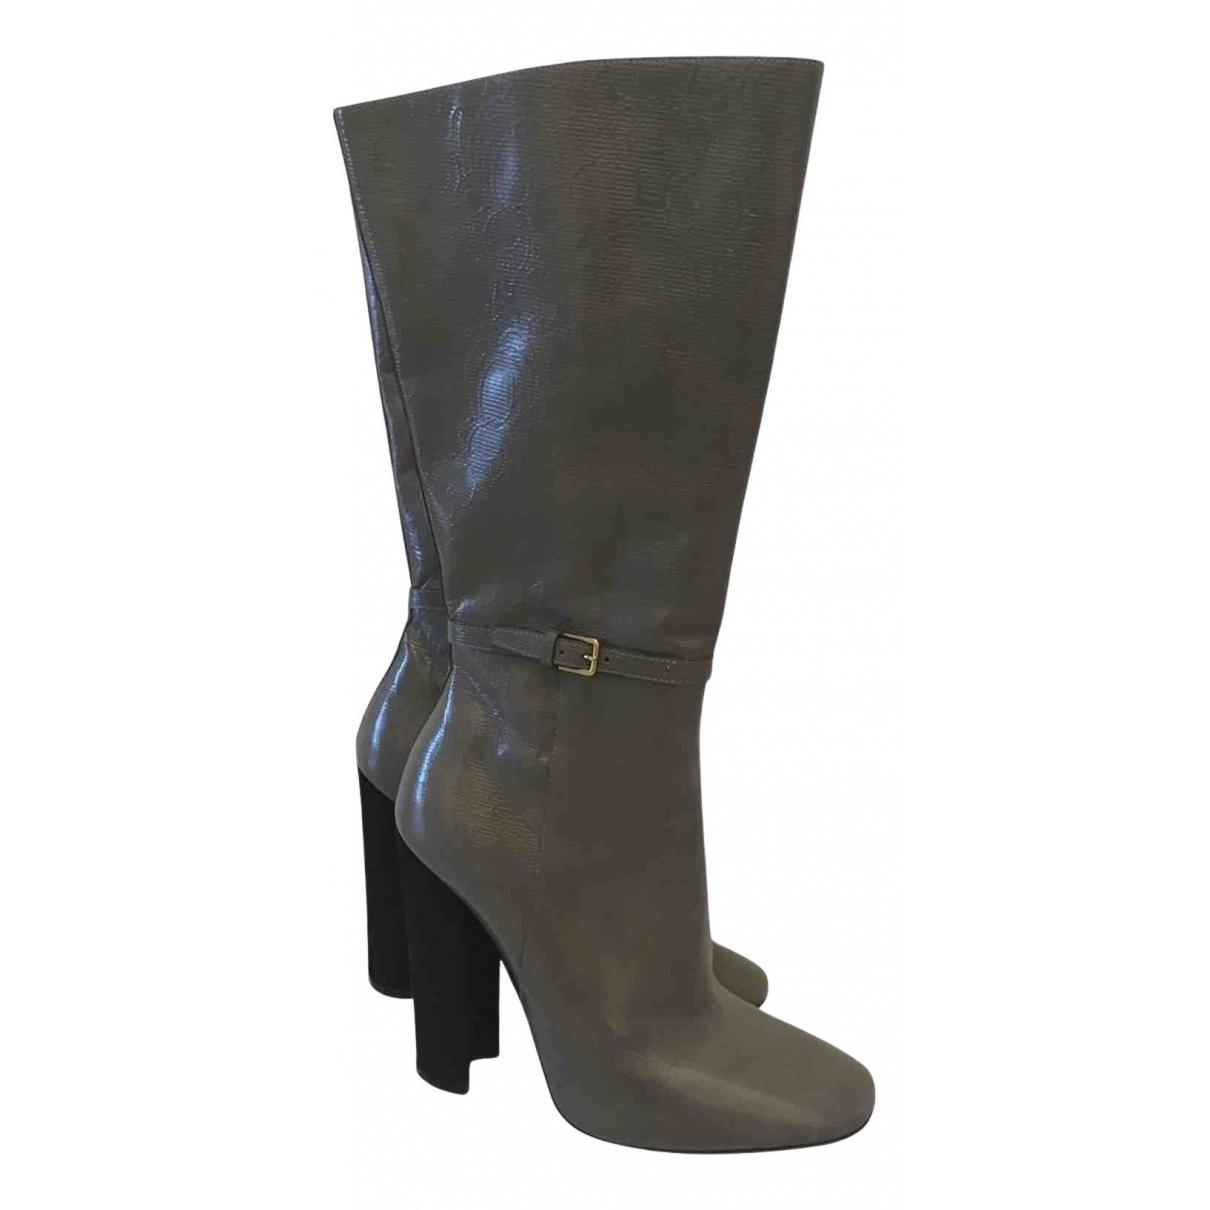 Yves Saint Laurent - Bottes   pour femme en cuir - gris